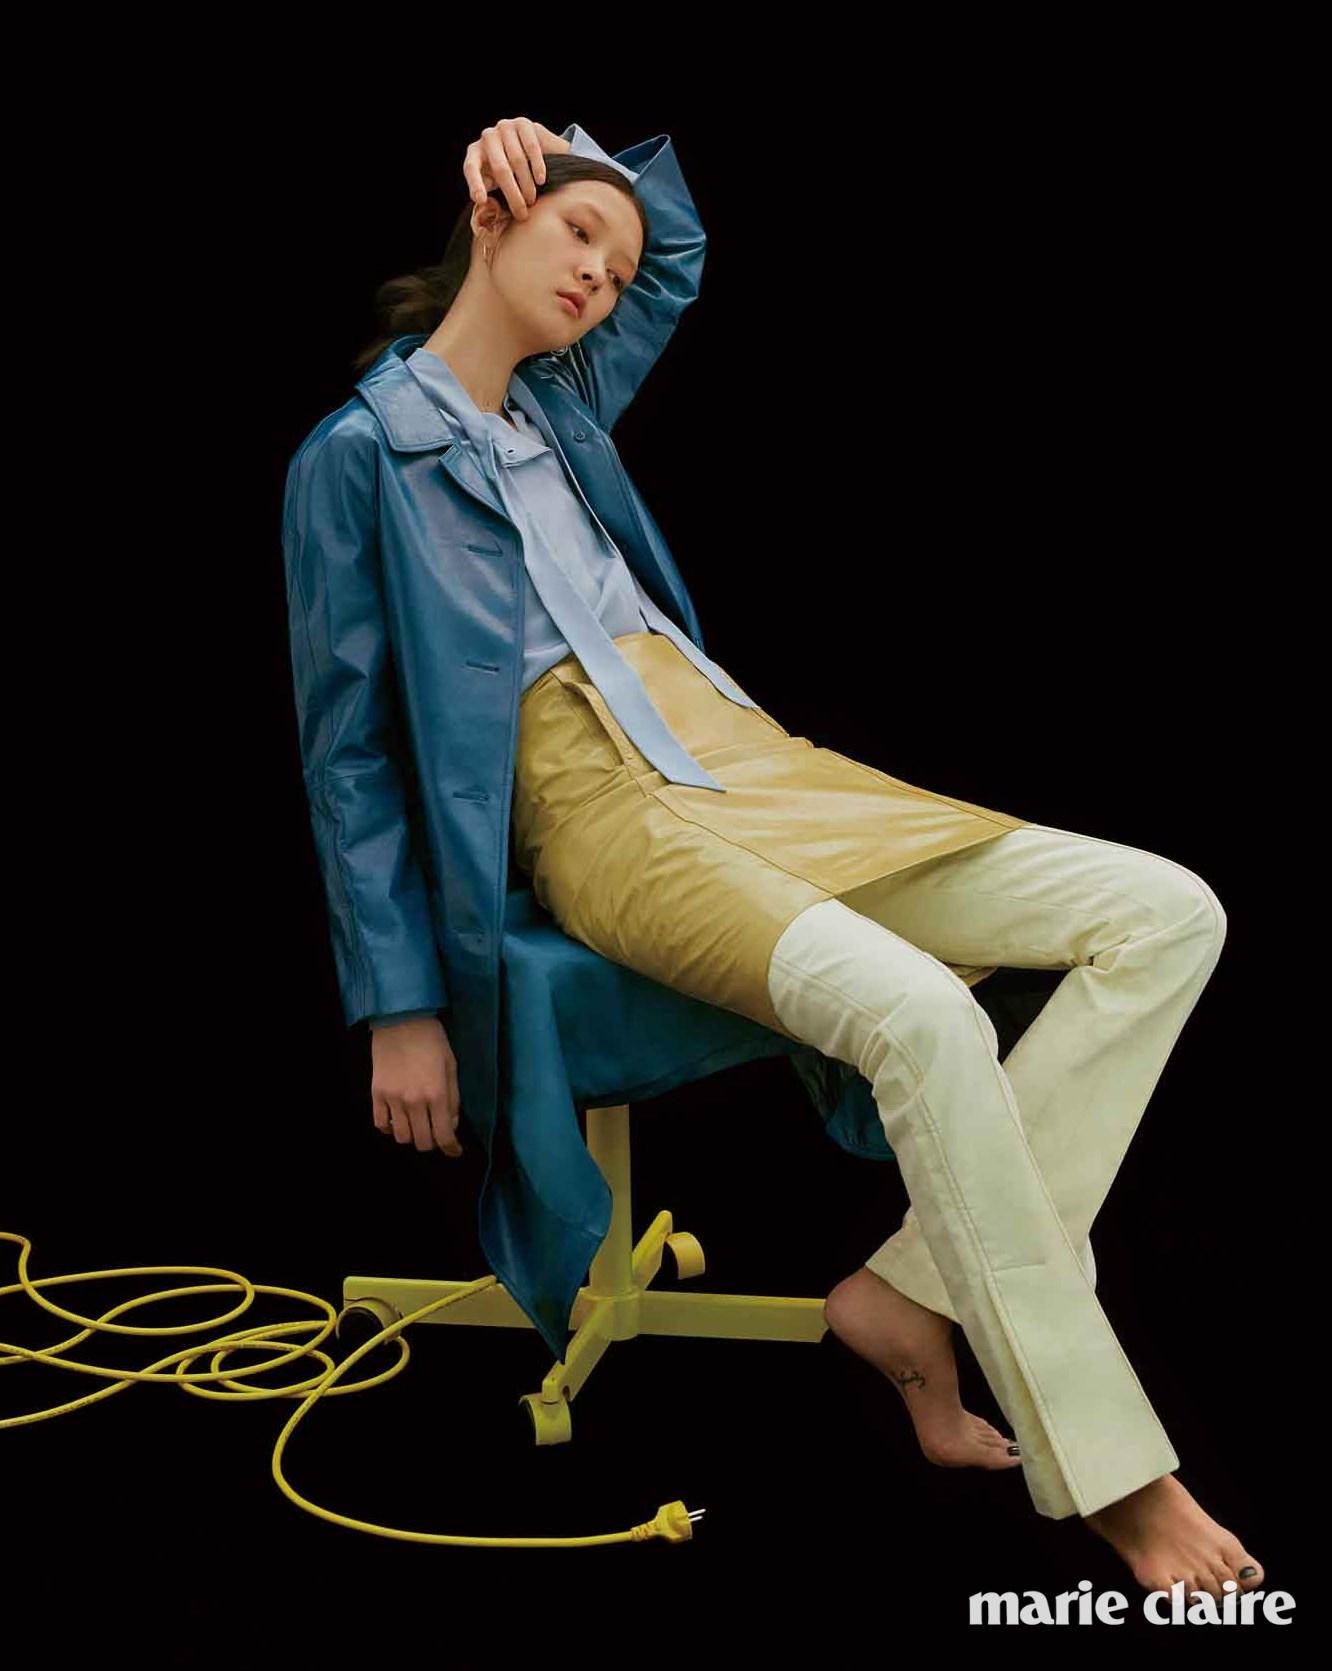 딥 블루 램스킨 코트, 스카이블루 실크 셔츠, 머스터드 컬러 램스킨 스커트 모두 가격 미정 보테가 베네타(Bottega Veneta), 슬림한 레몬색 팬츠 가격 미정 셀린느(Celine).